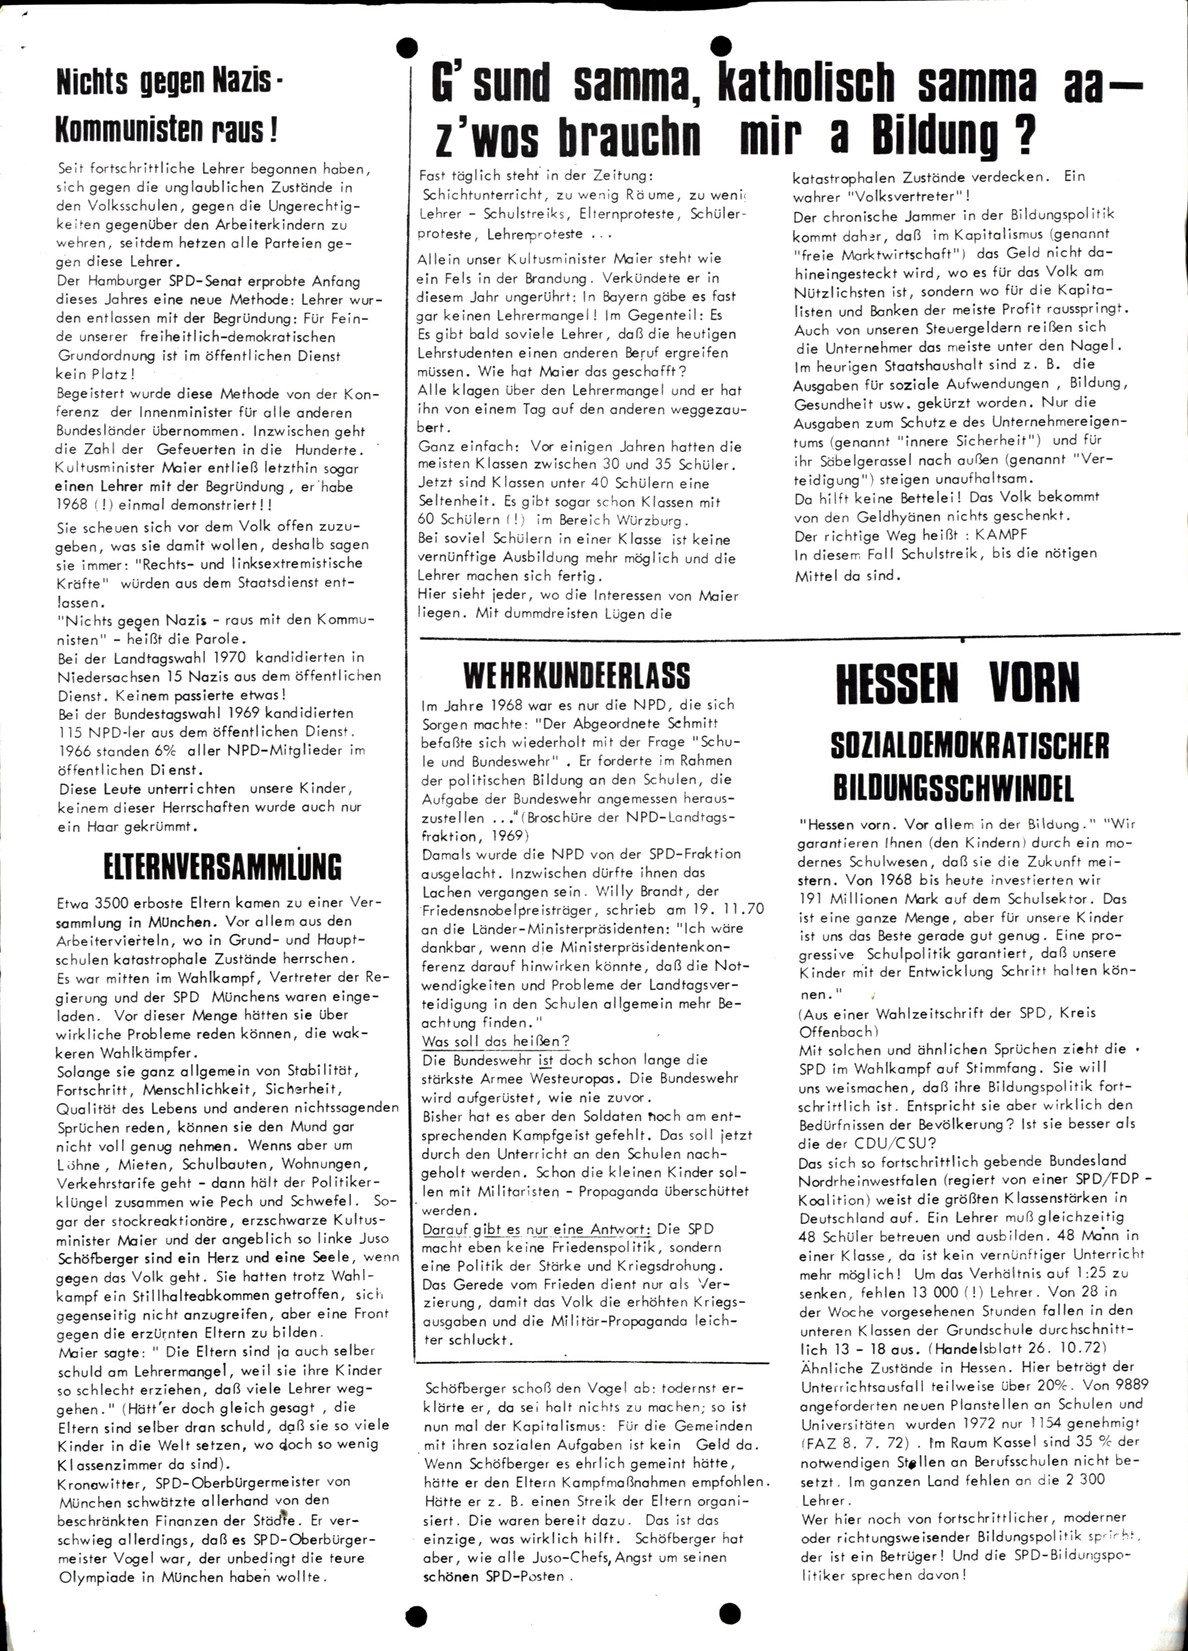 KPDML_1972_Wahlzeitung_07